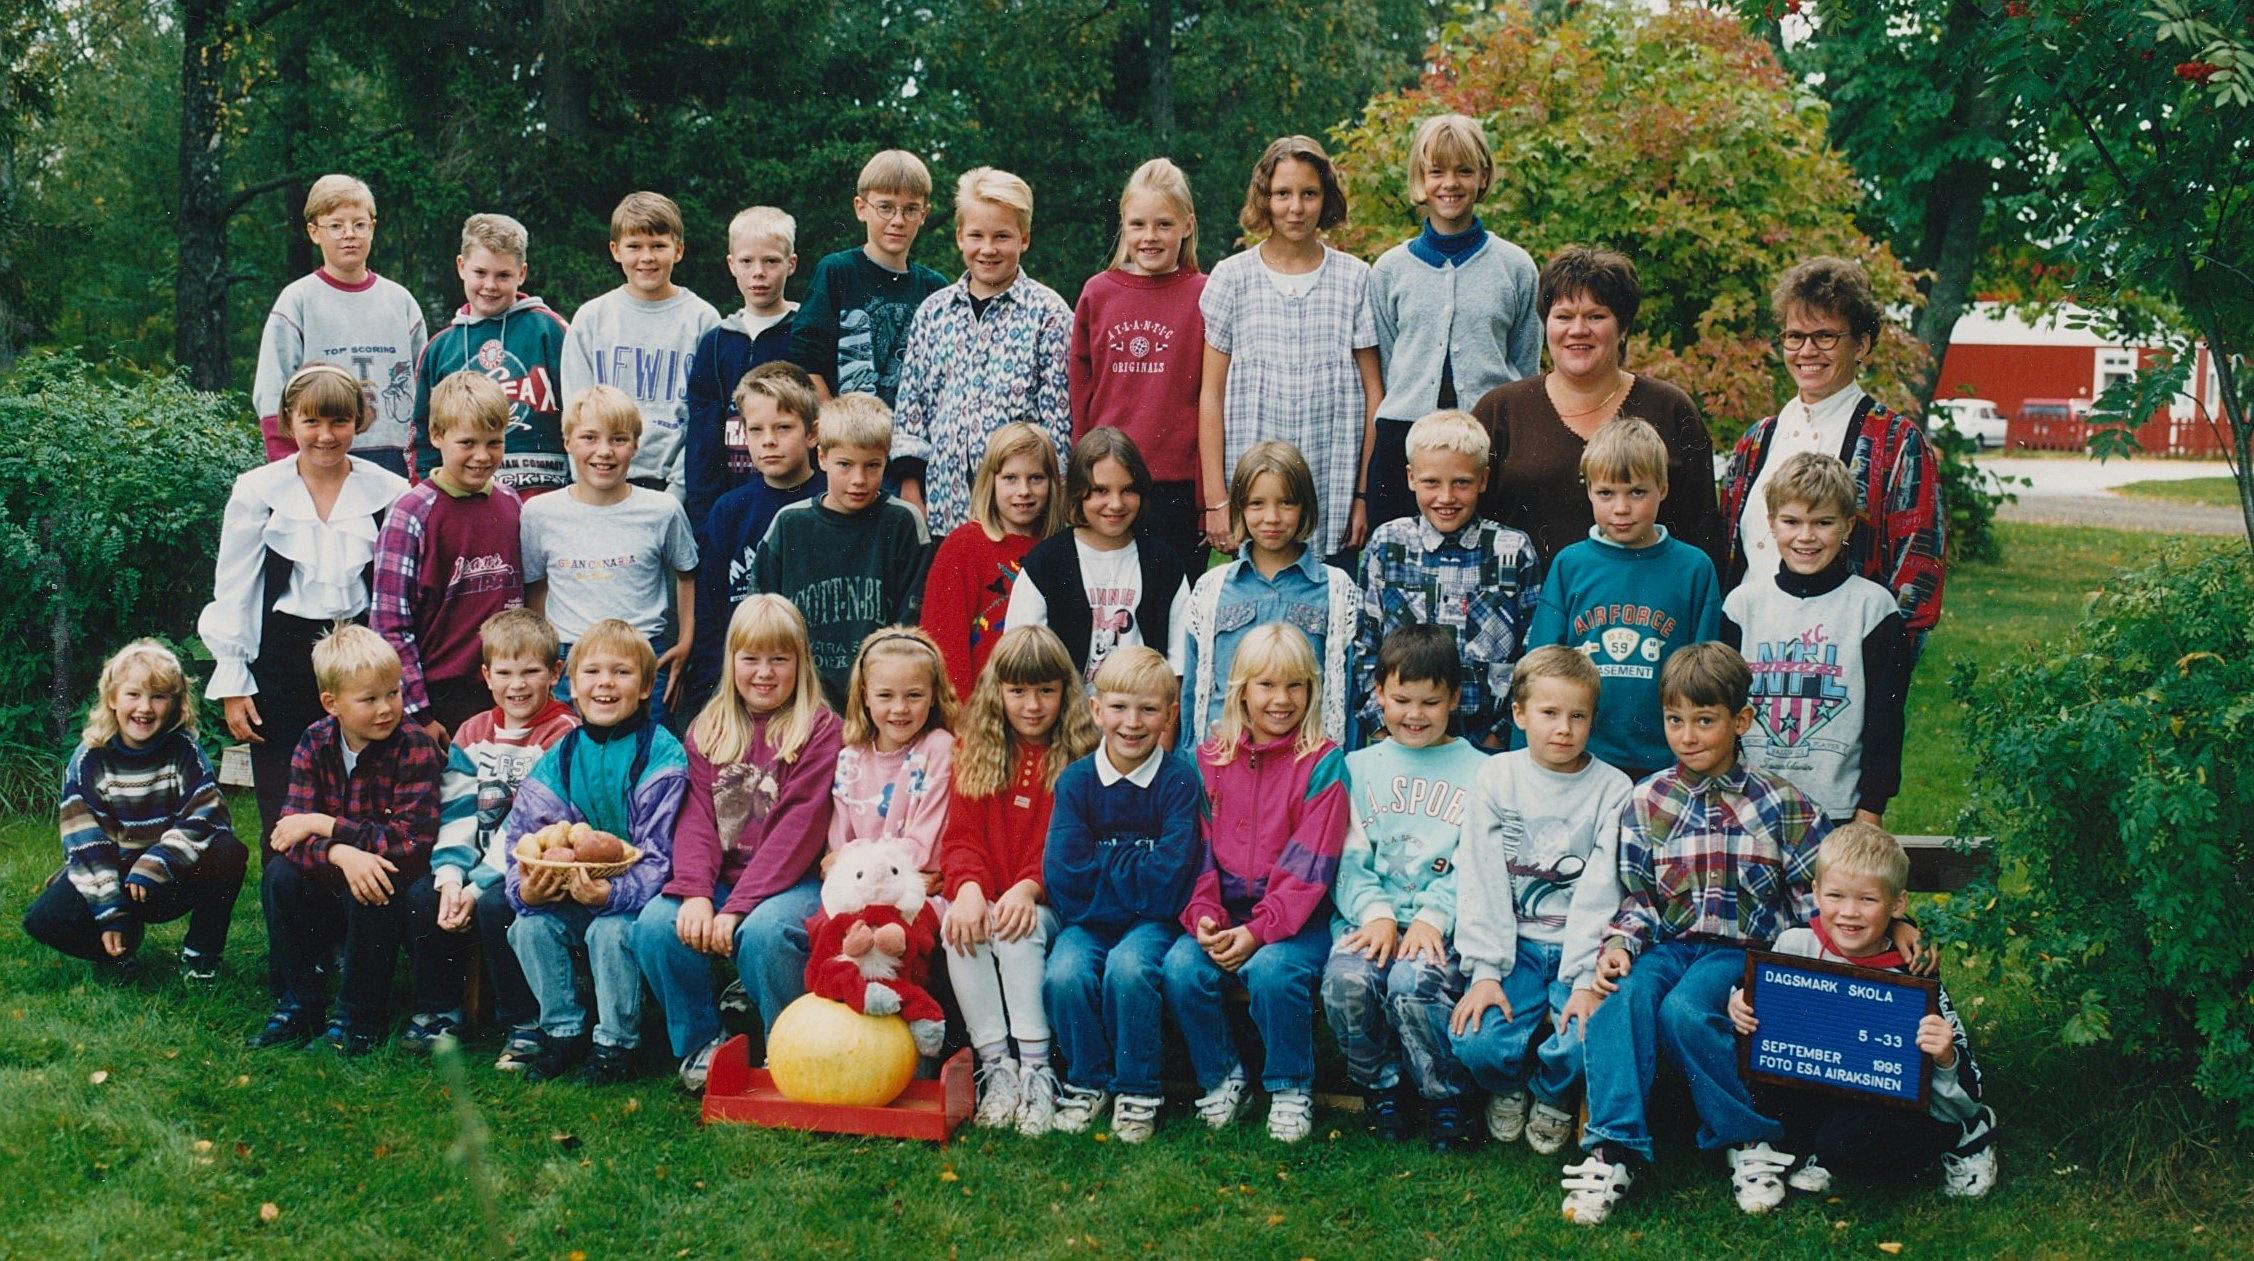 År 1995, Dagsmark skola.